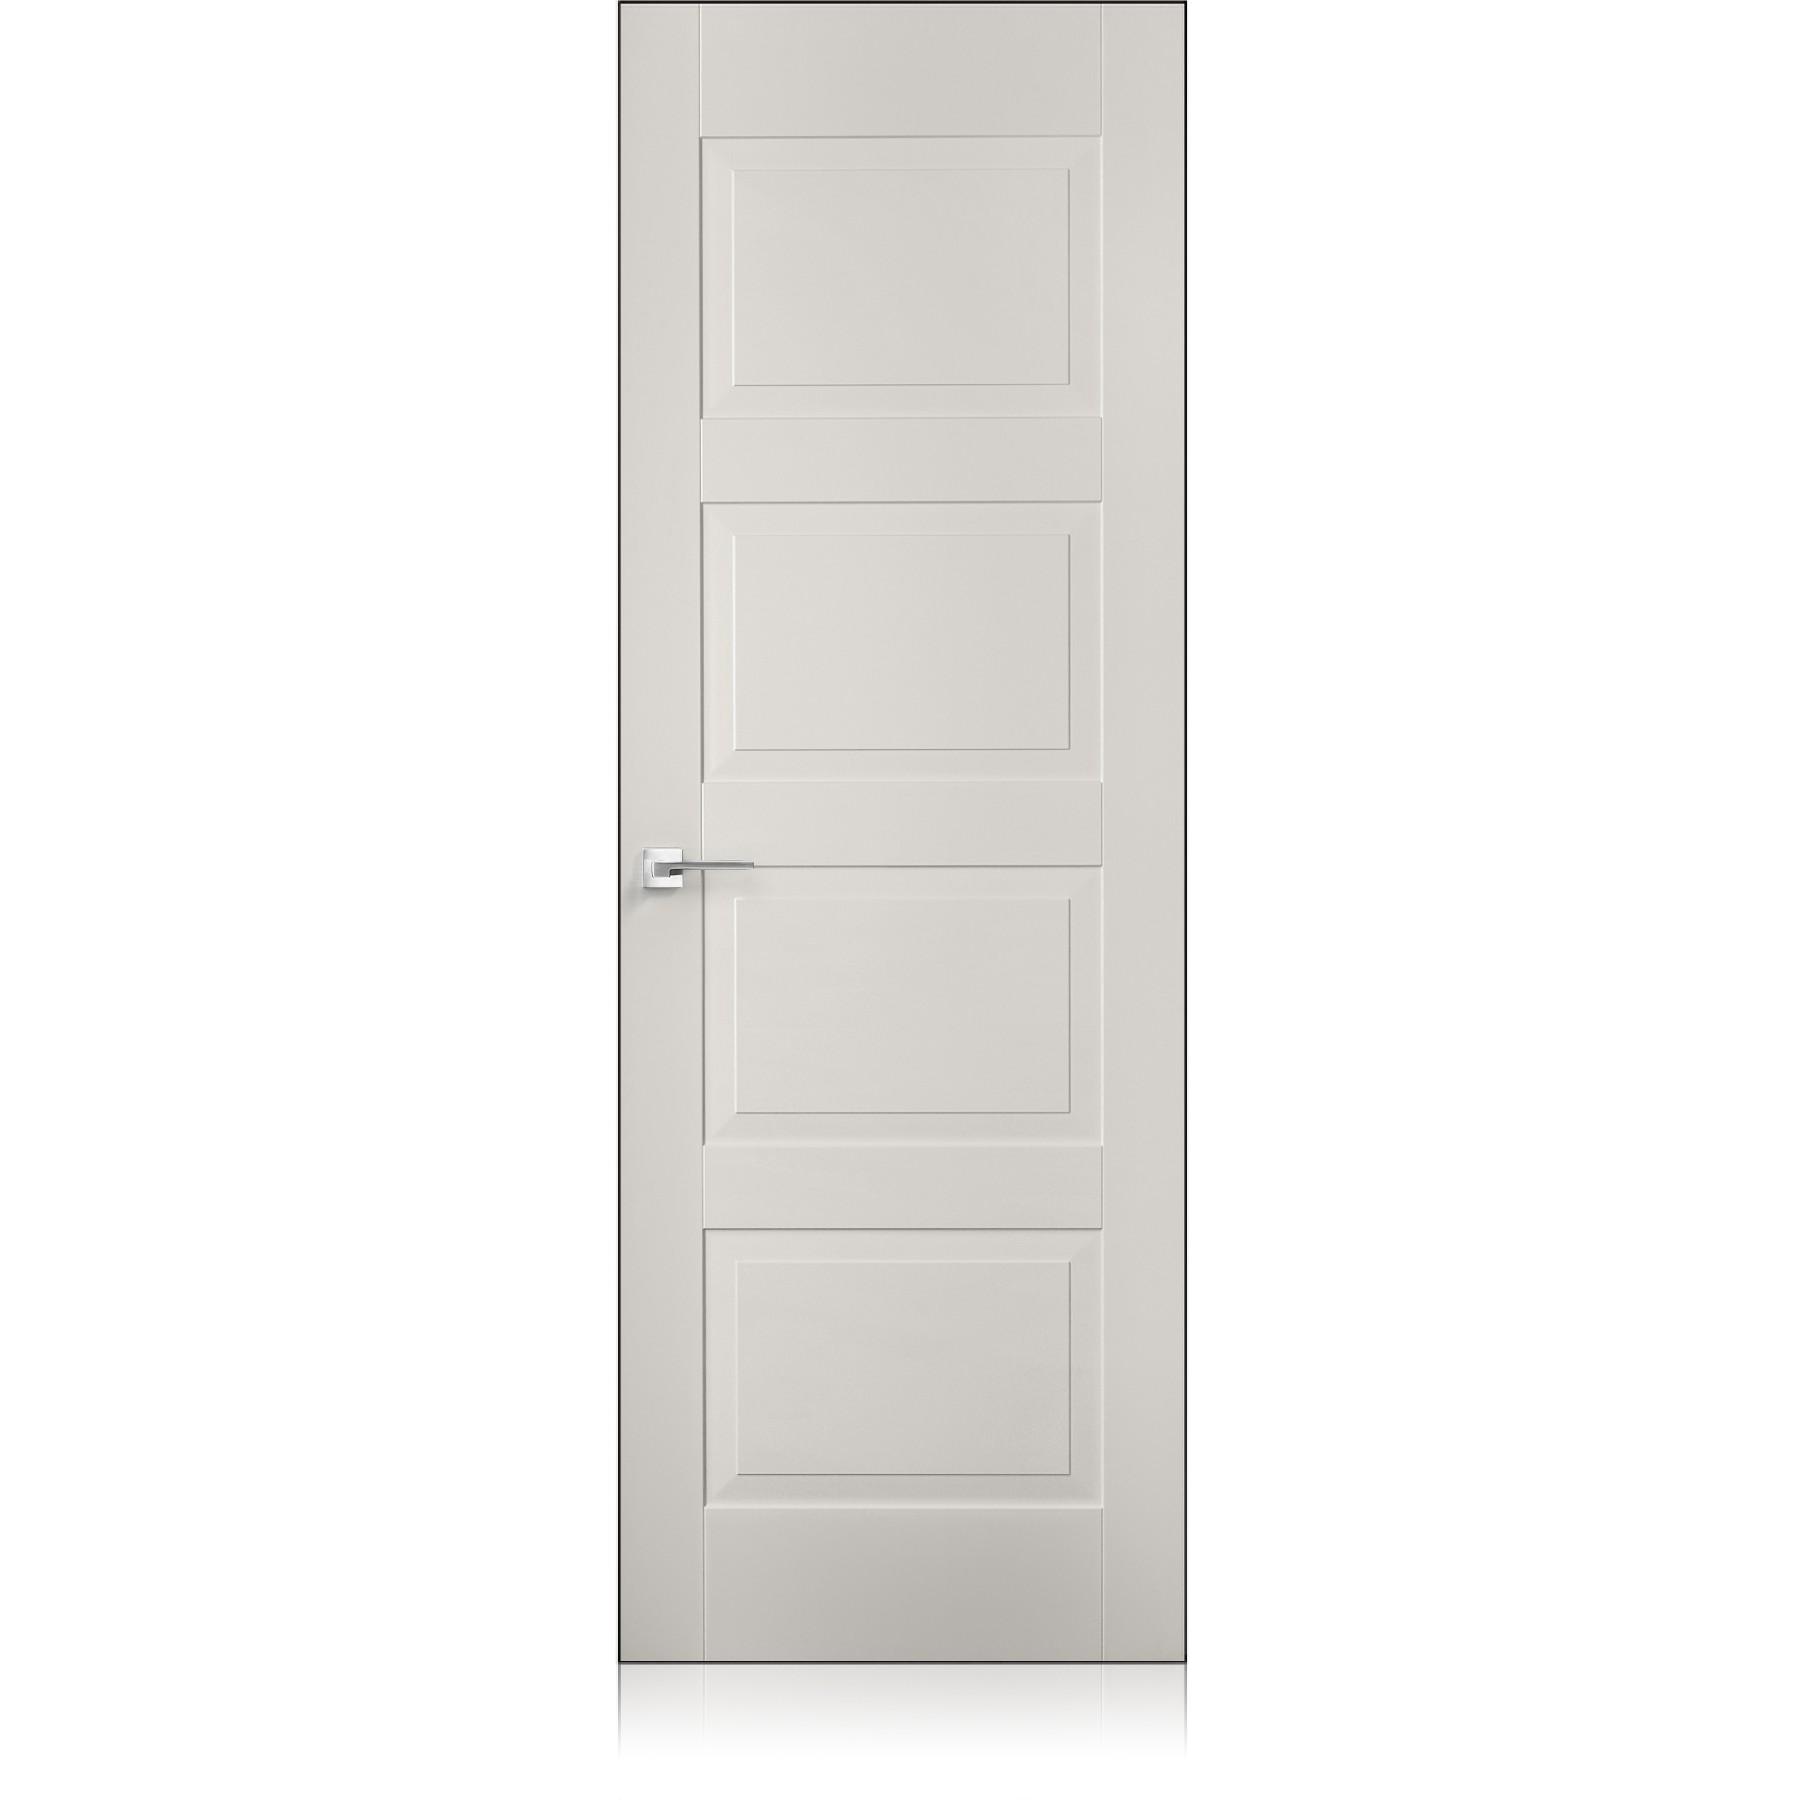 Tür Suite / 29 Zero grigio lux